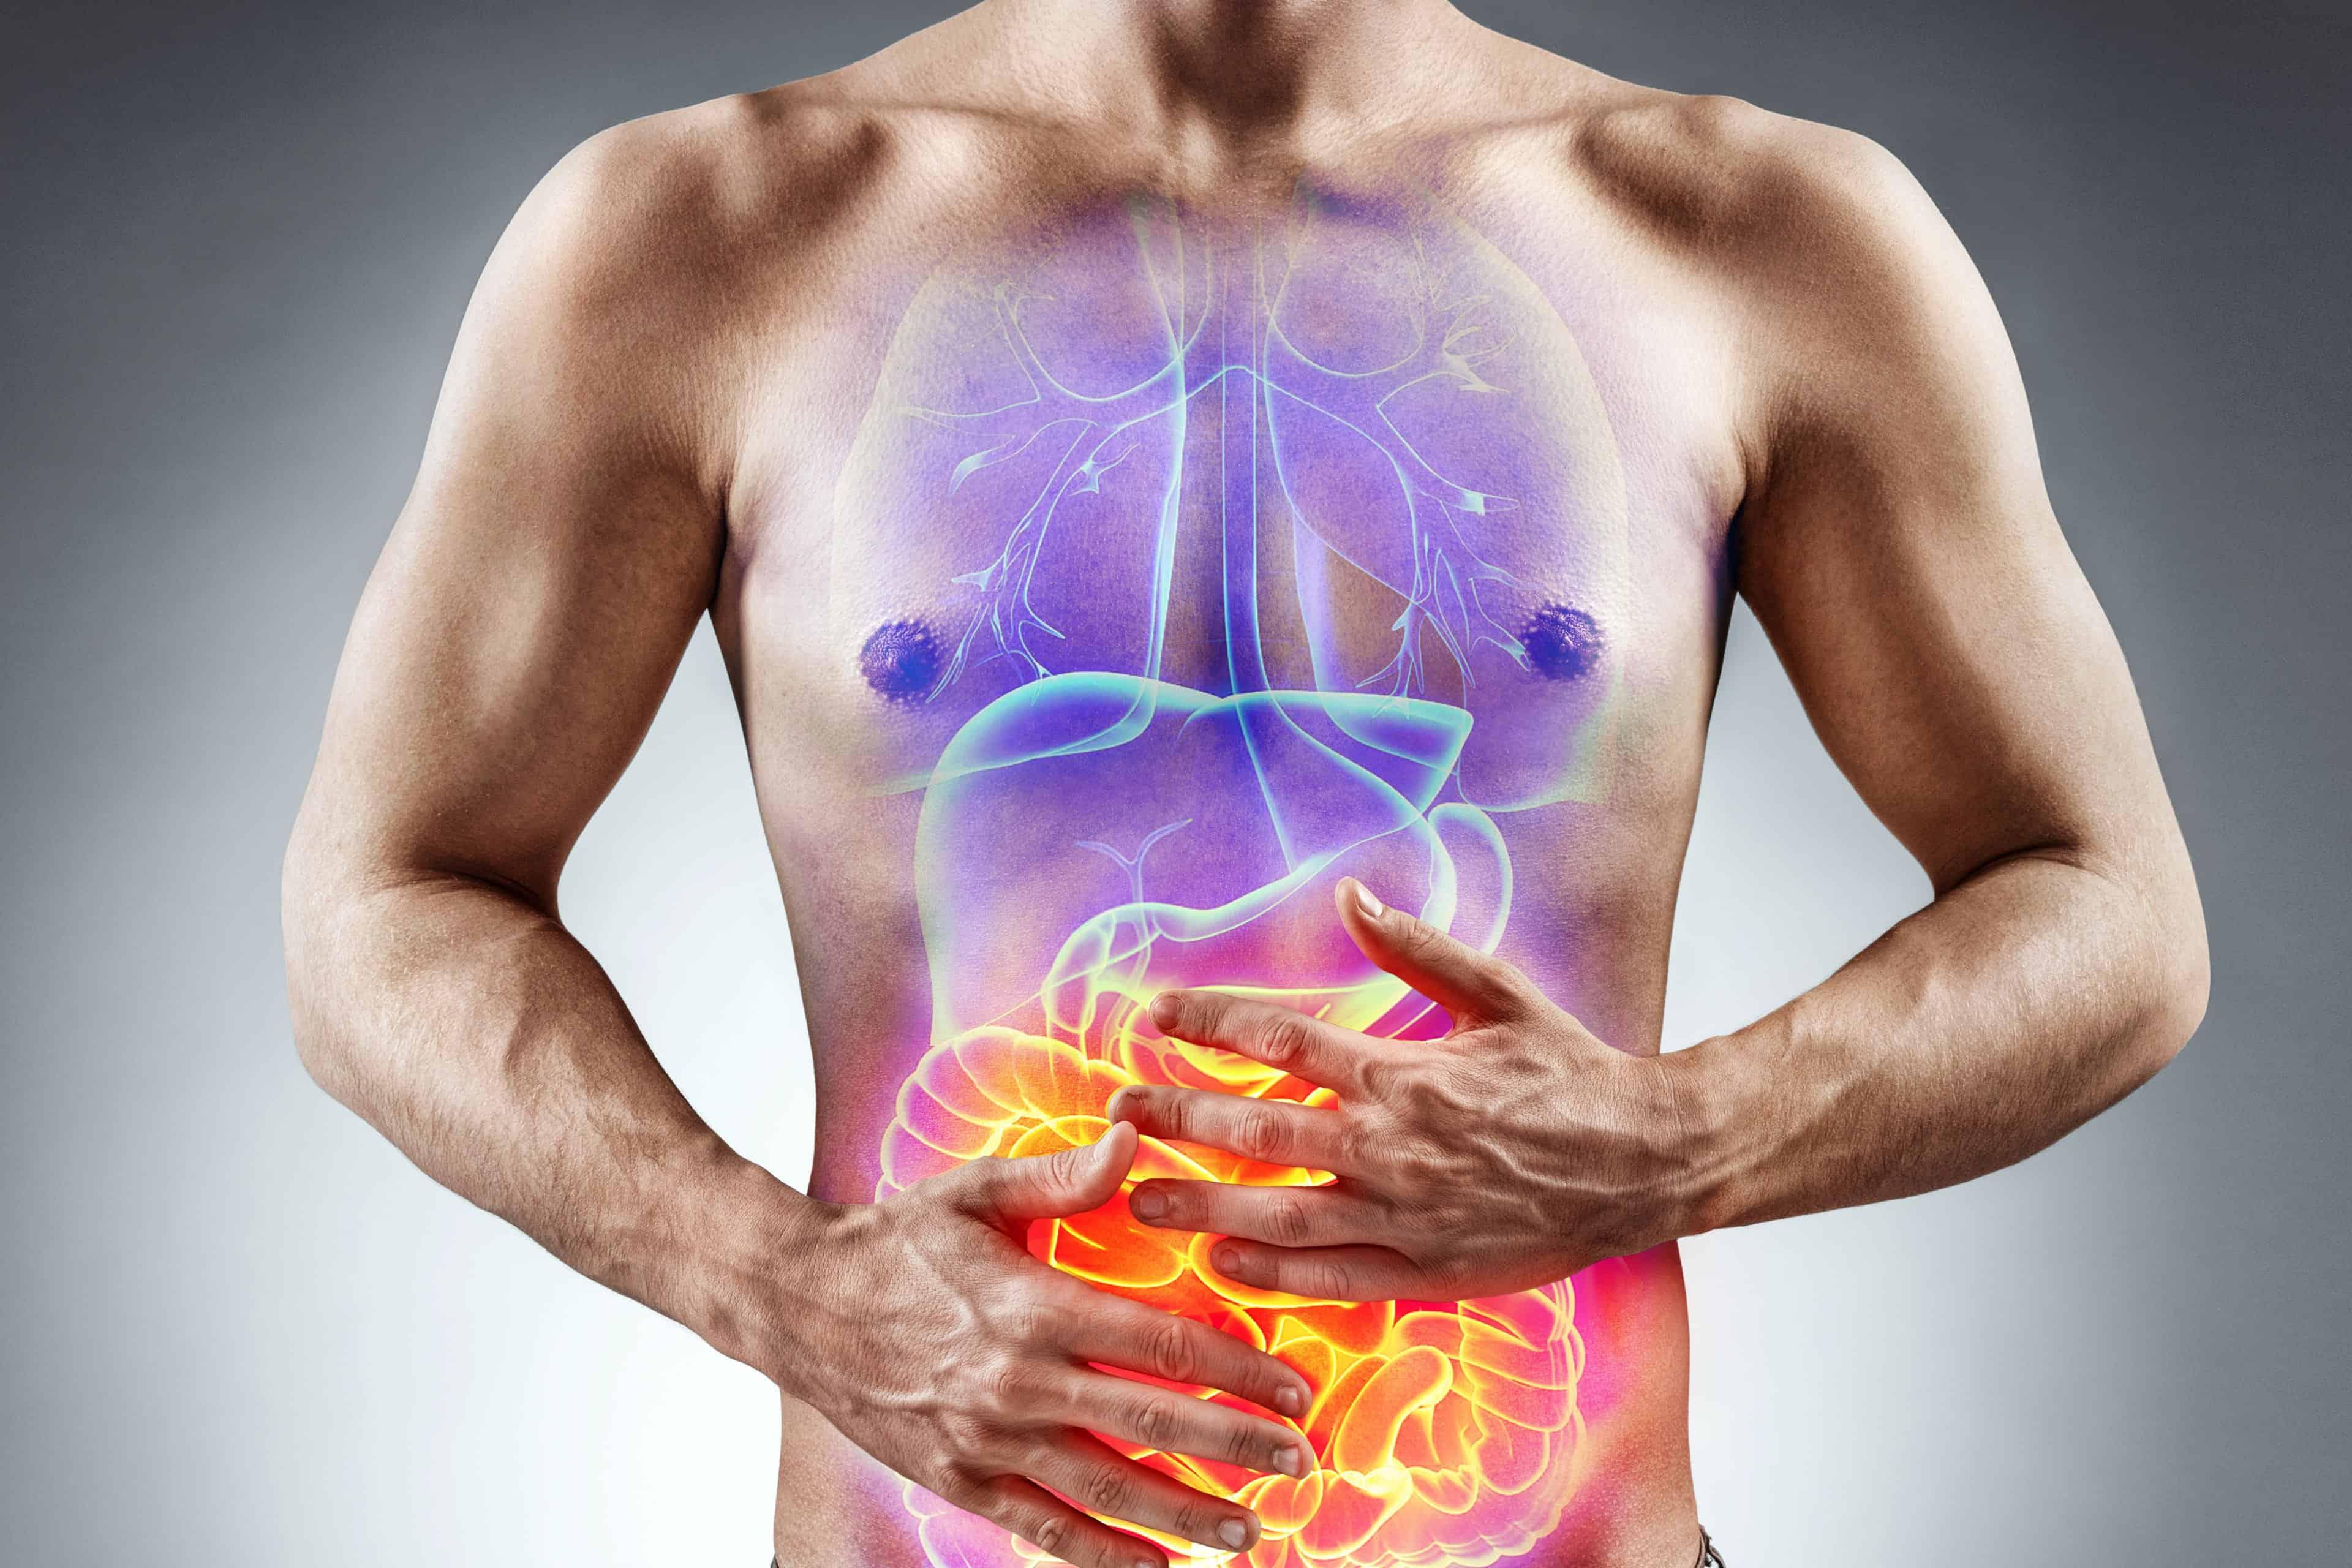 Badania przesiewowe stosowane w celu wykrycia raka jelita grubego